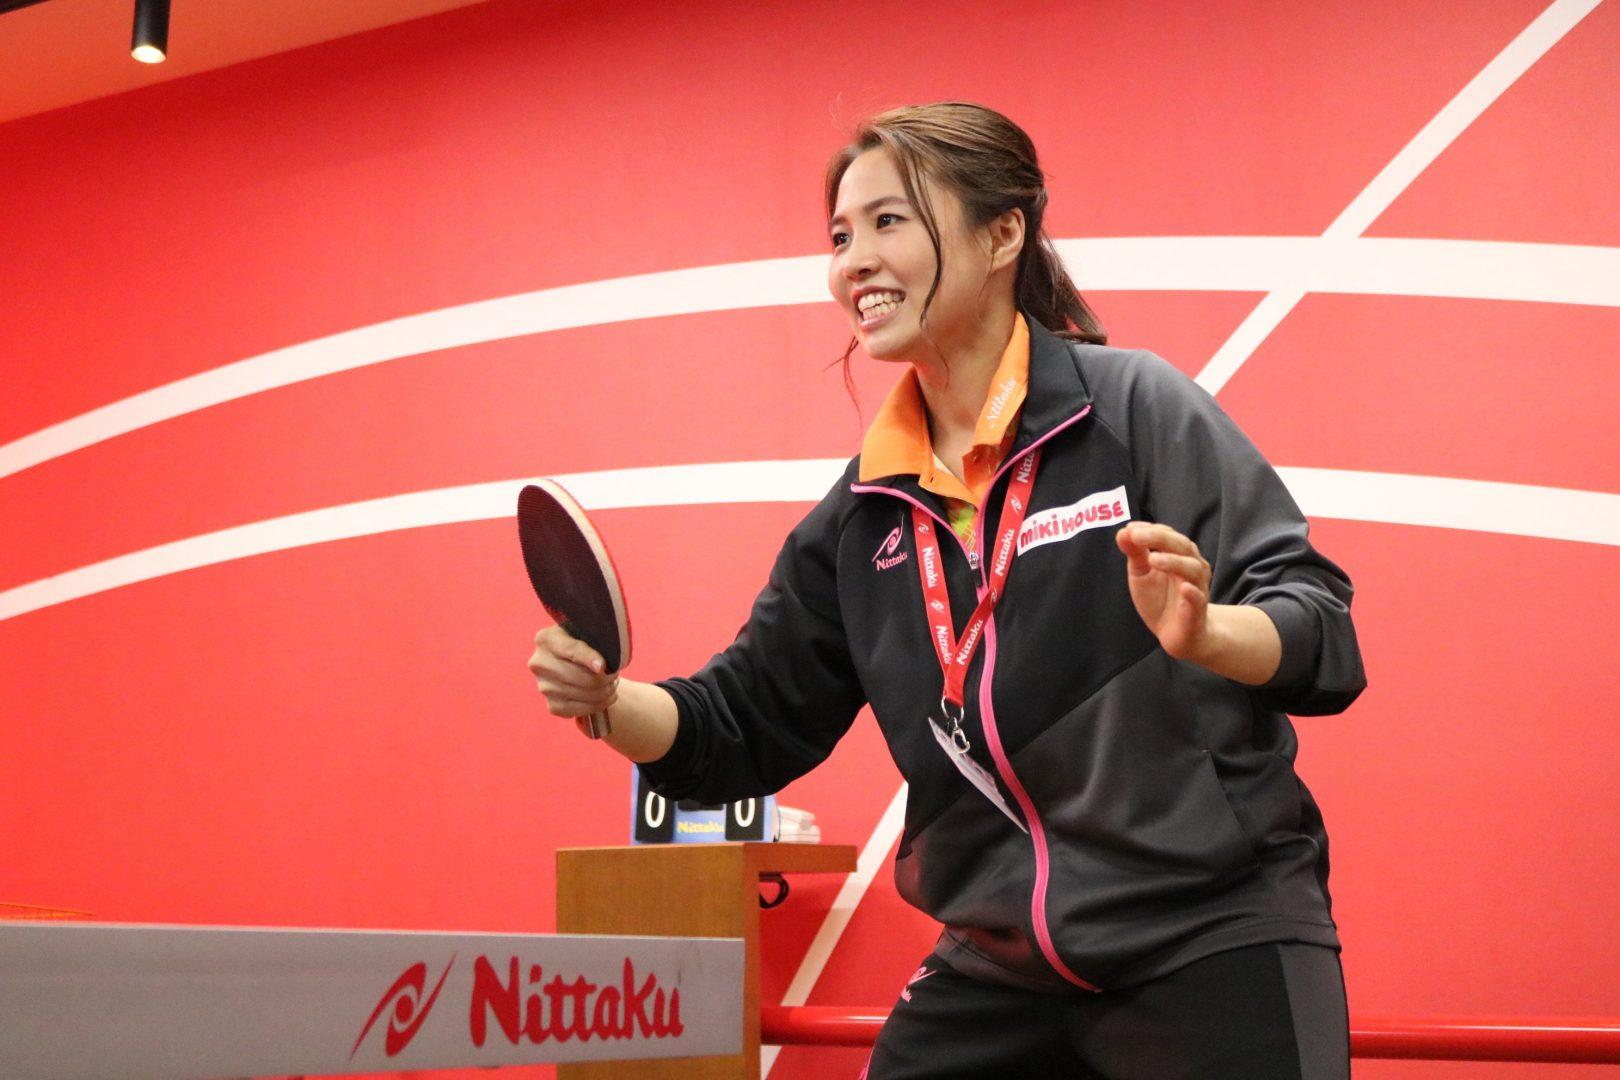 【卓球】平野早矢香、楽天オープンに登場 石川姉妹も客席で熱戦を応援